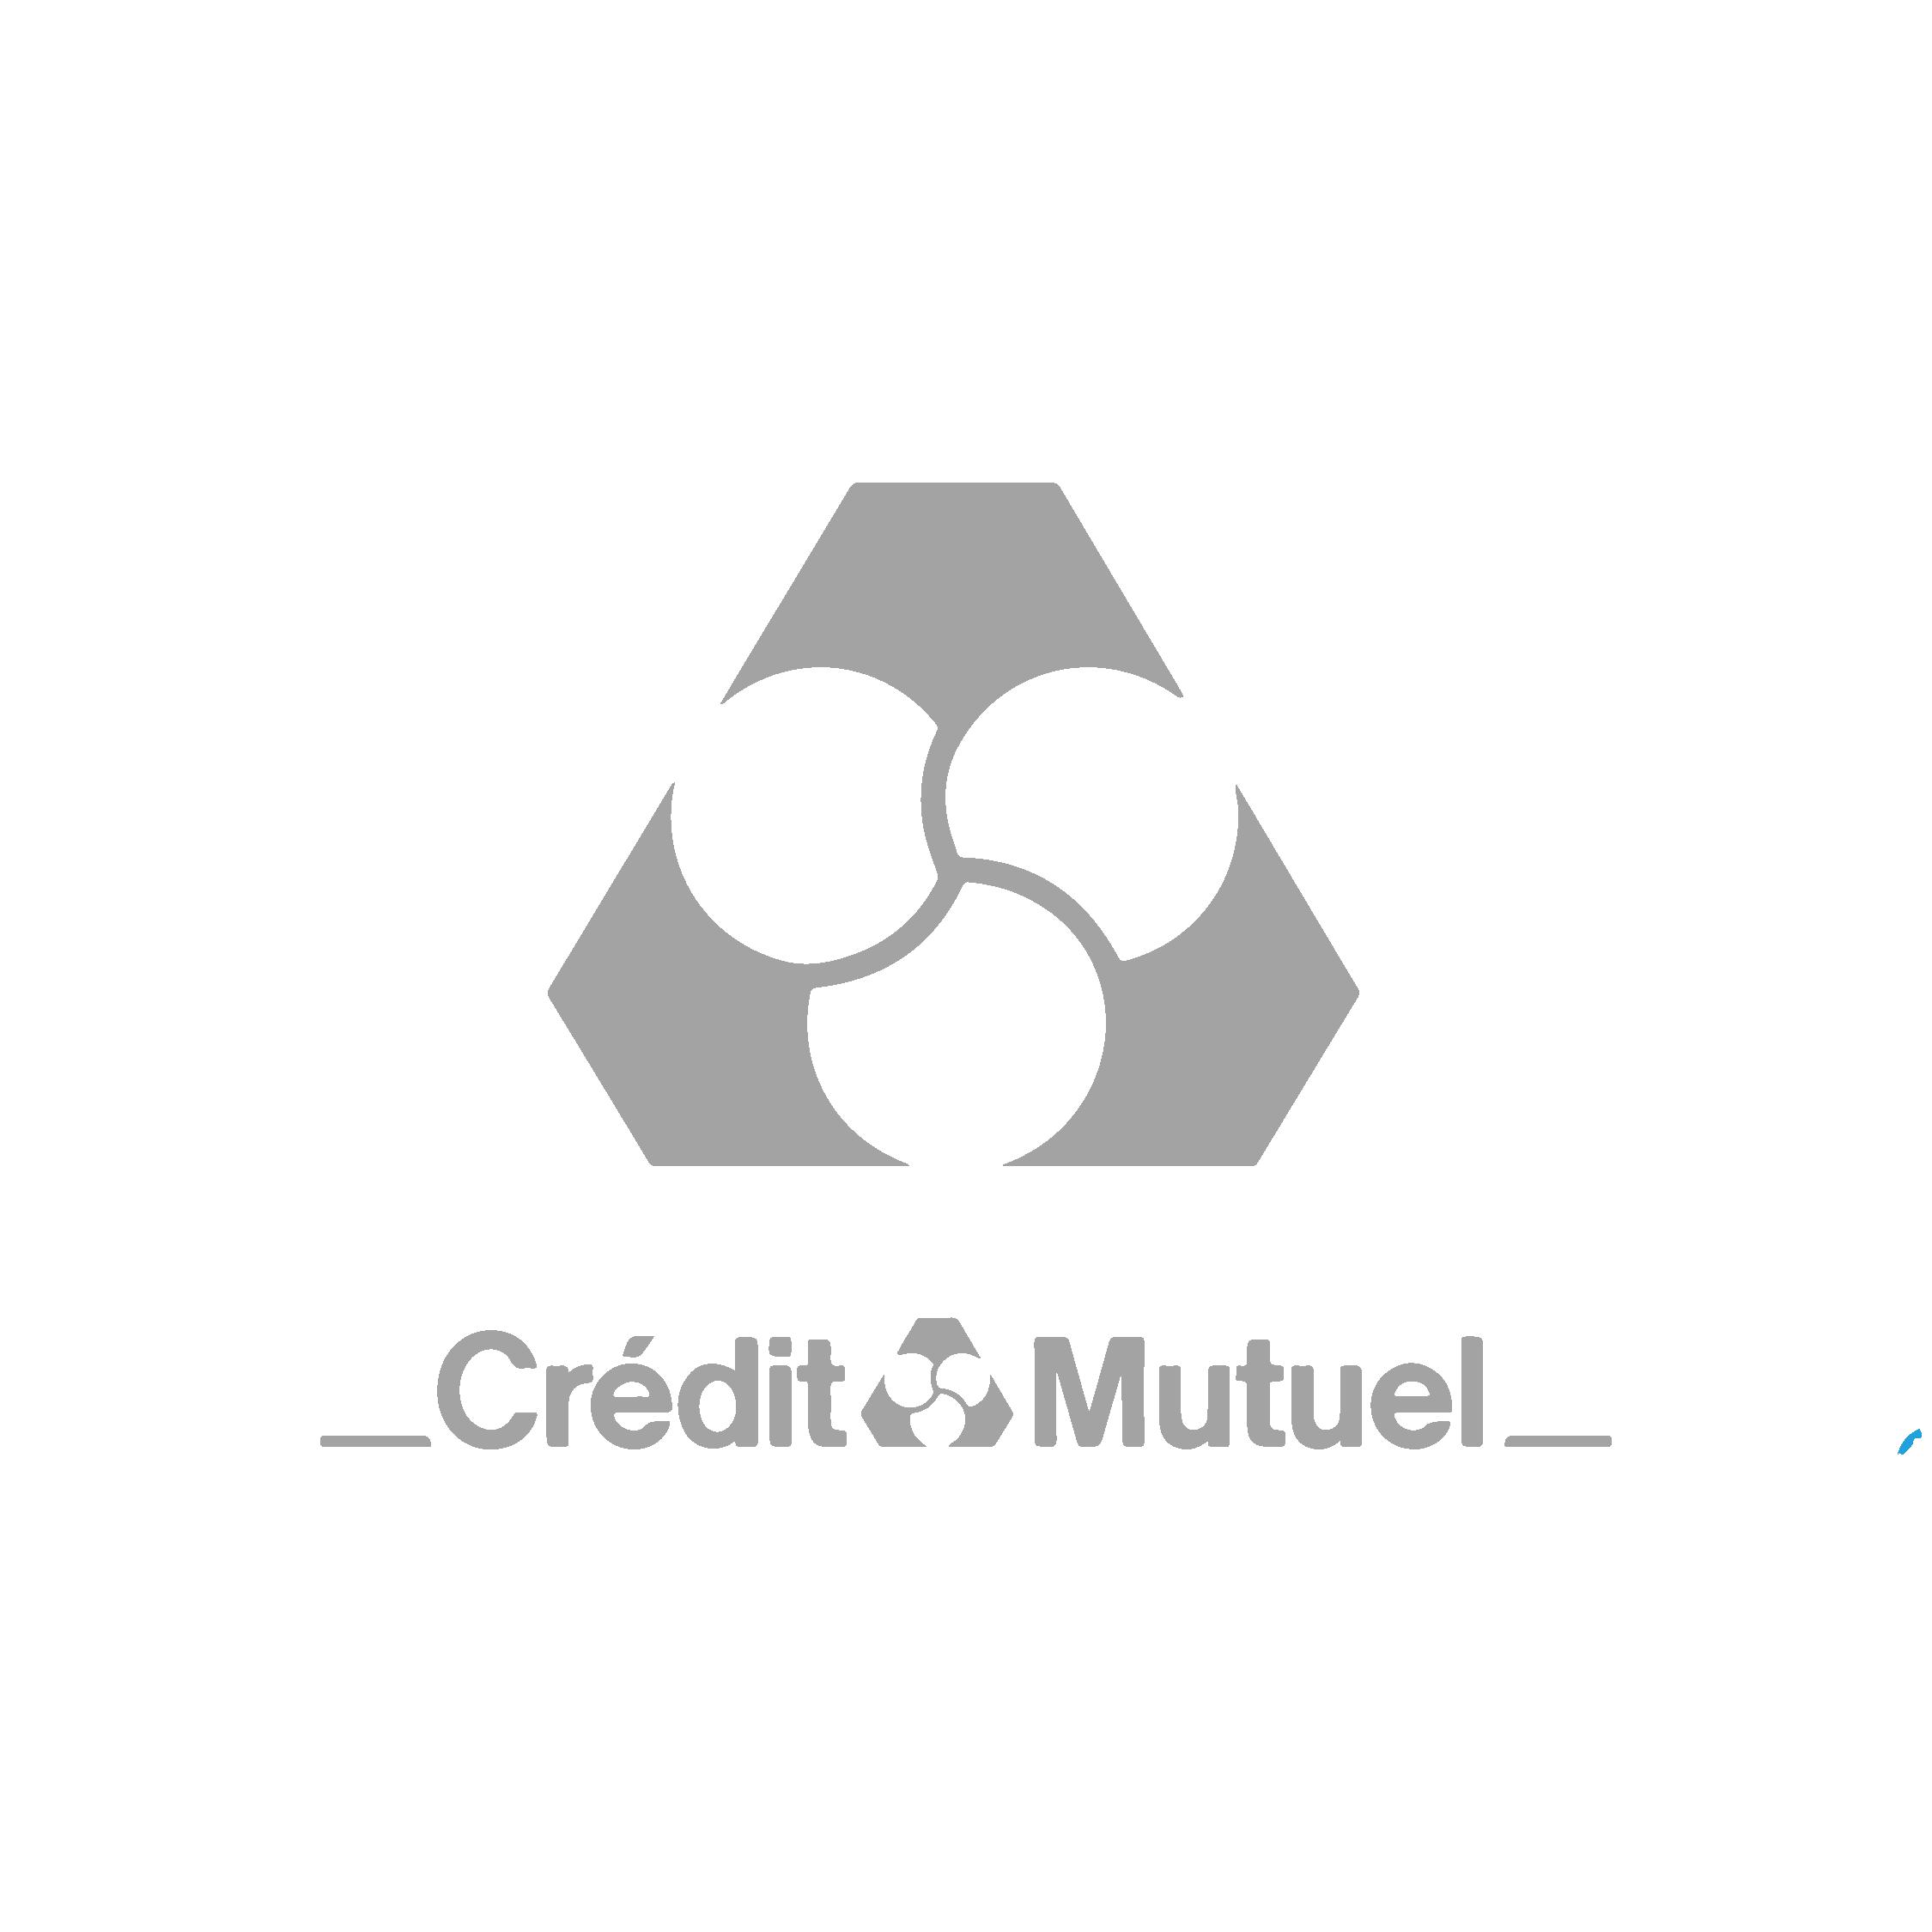 Logo Crédit Mutuel - Agence de communication Break-Out Company